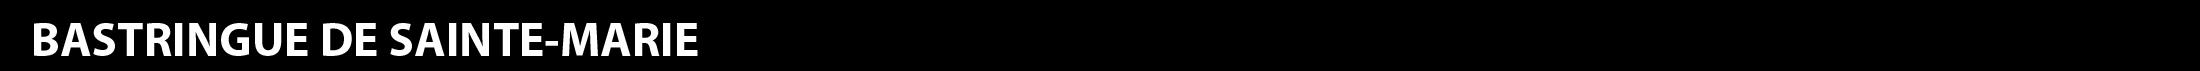 Titre5-01